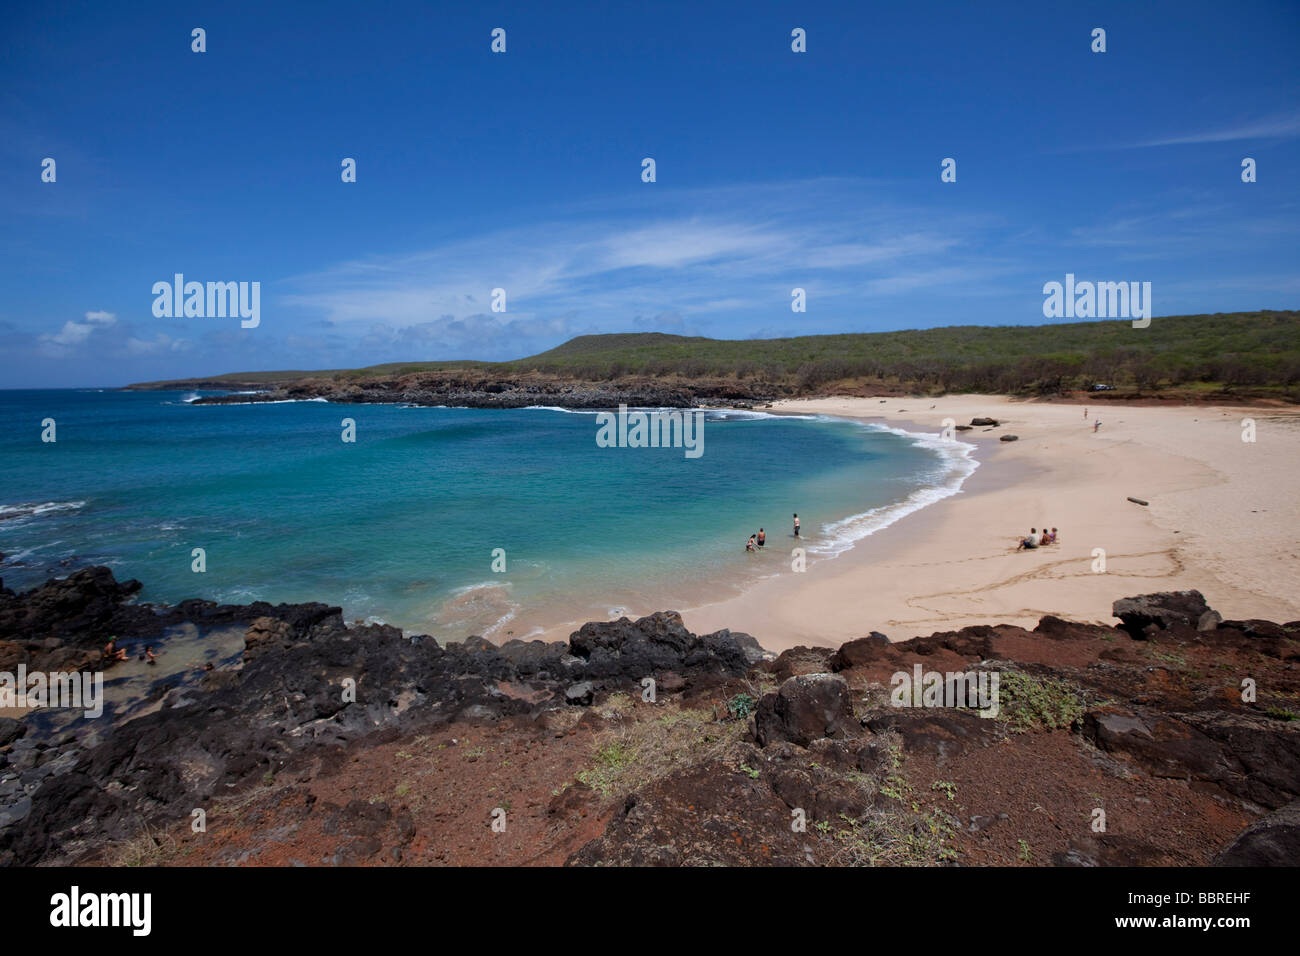 Bahía Kawakui Molokai Hawaii playa playas Imagen De Stock